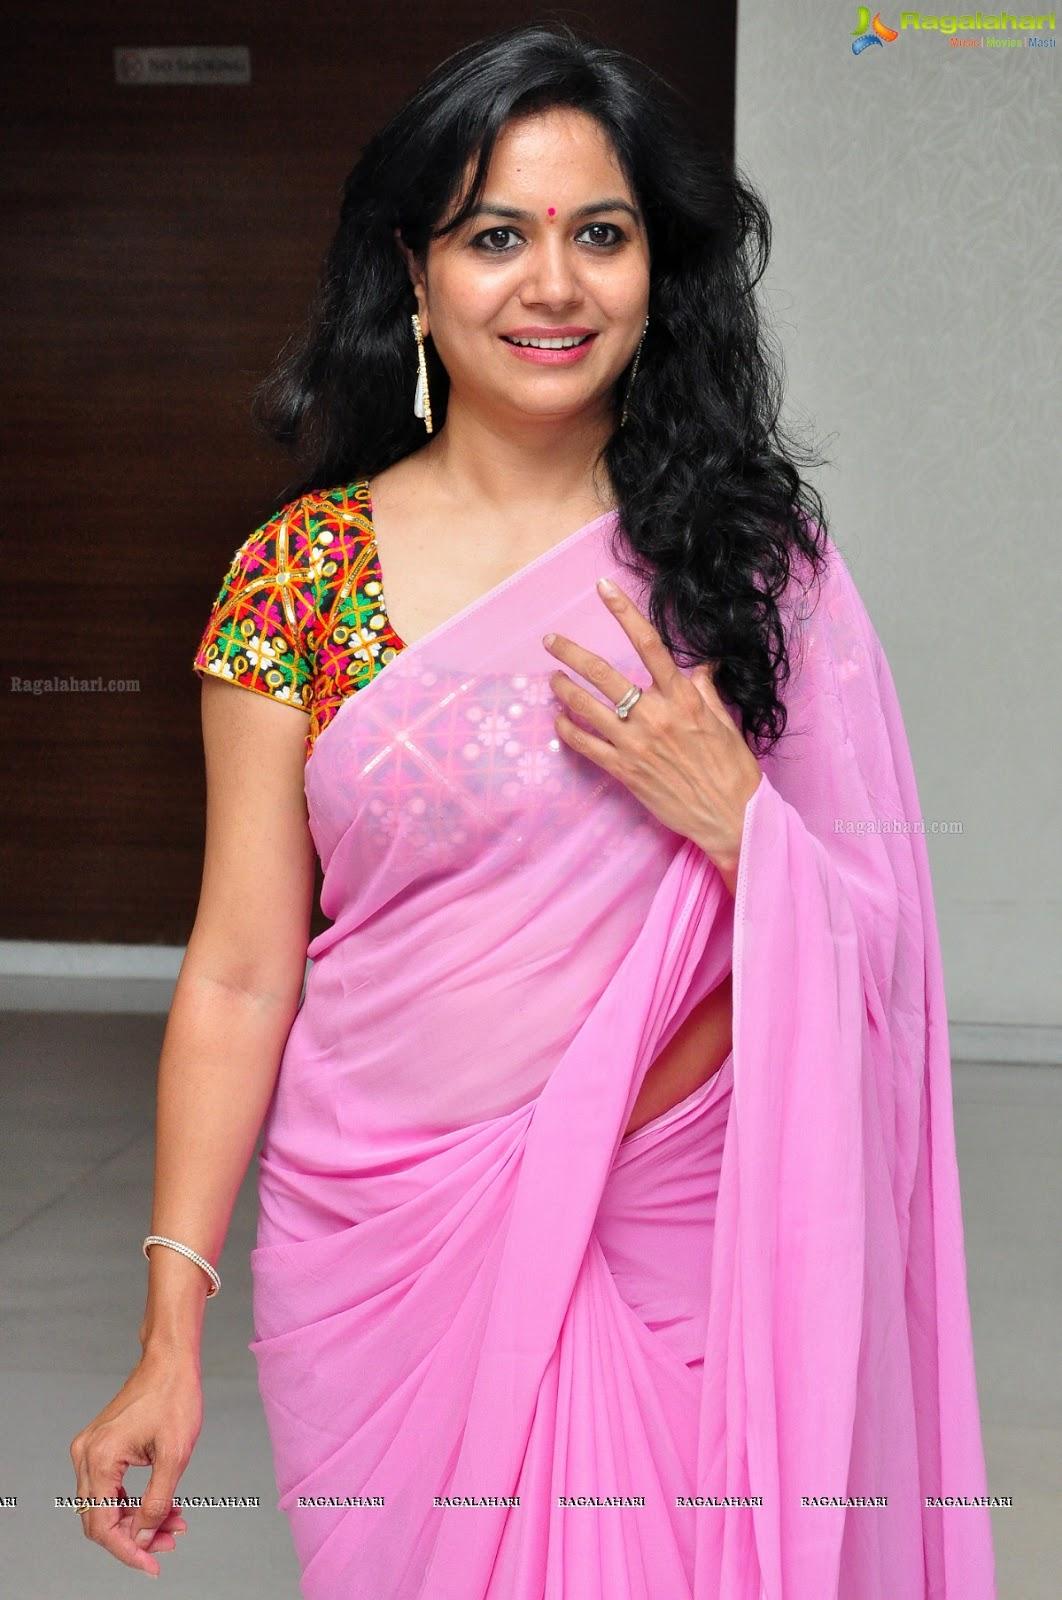 nude tamil singers pics